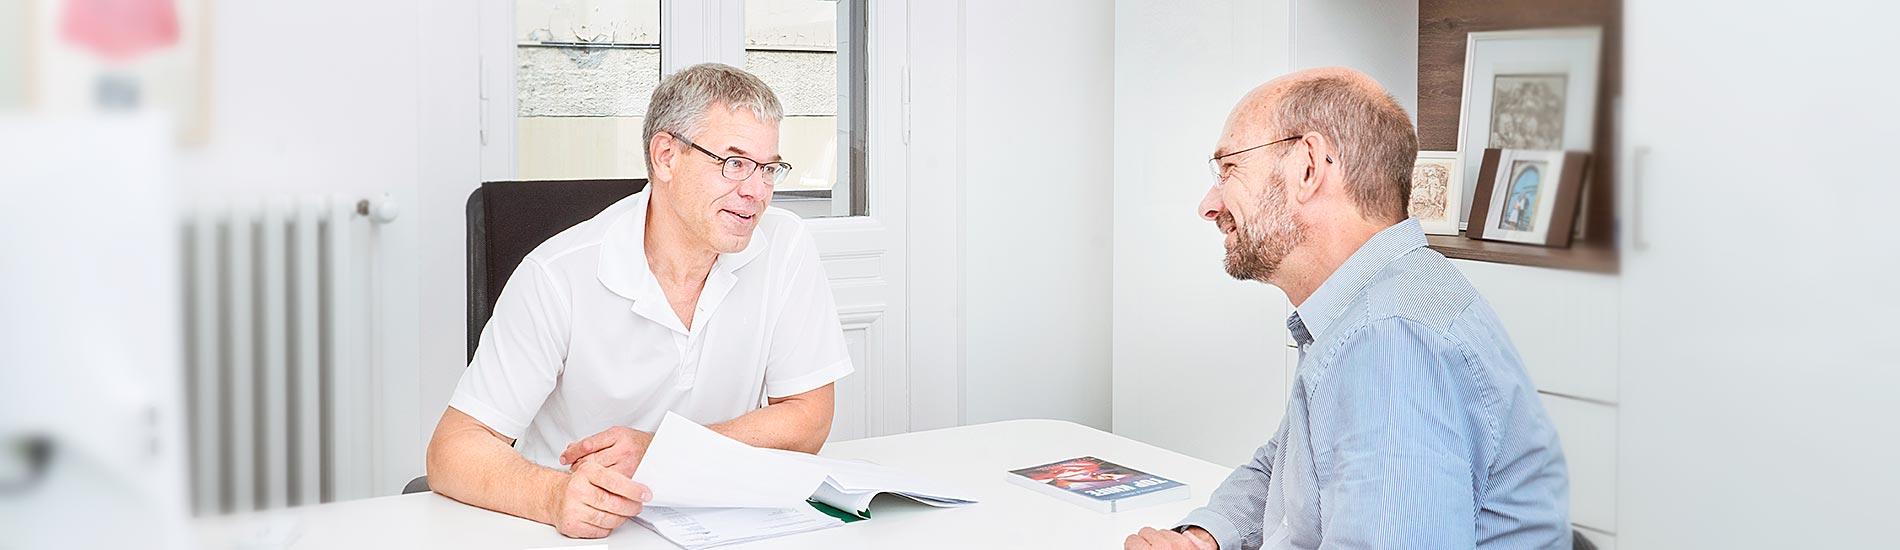 Chirurgische Praxis am Spreebogen – Dr. Jörg Müller im Patientengespräch